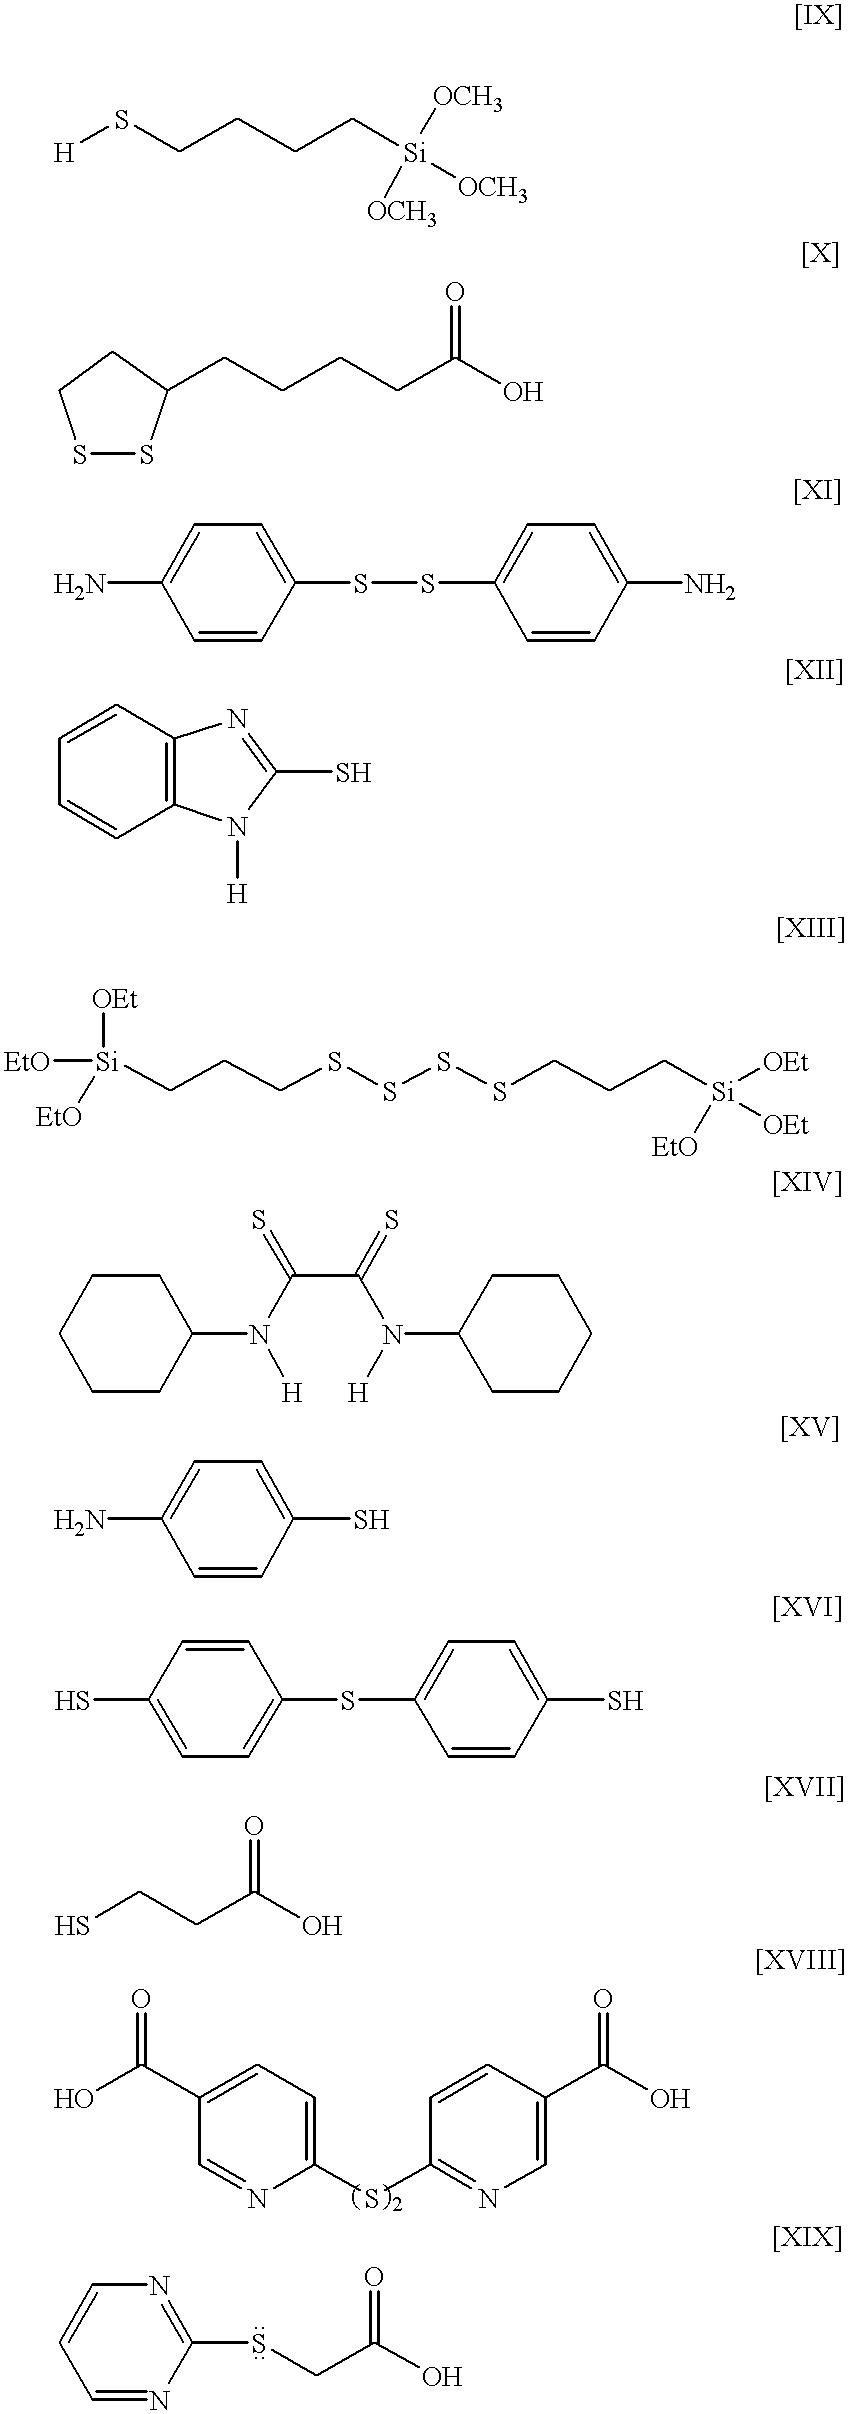 Figure US06195193-20010227-C00006